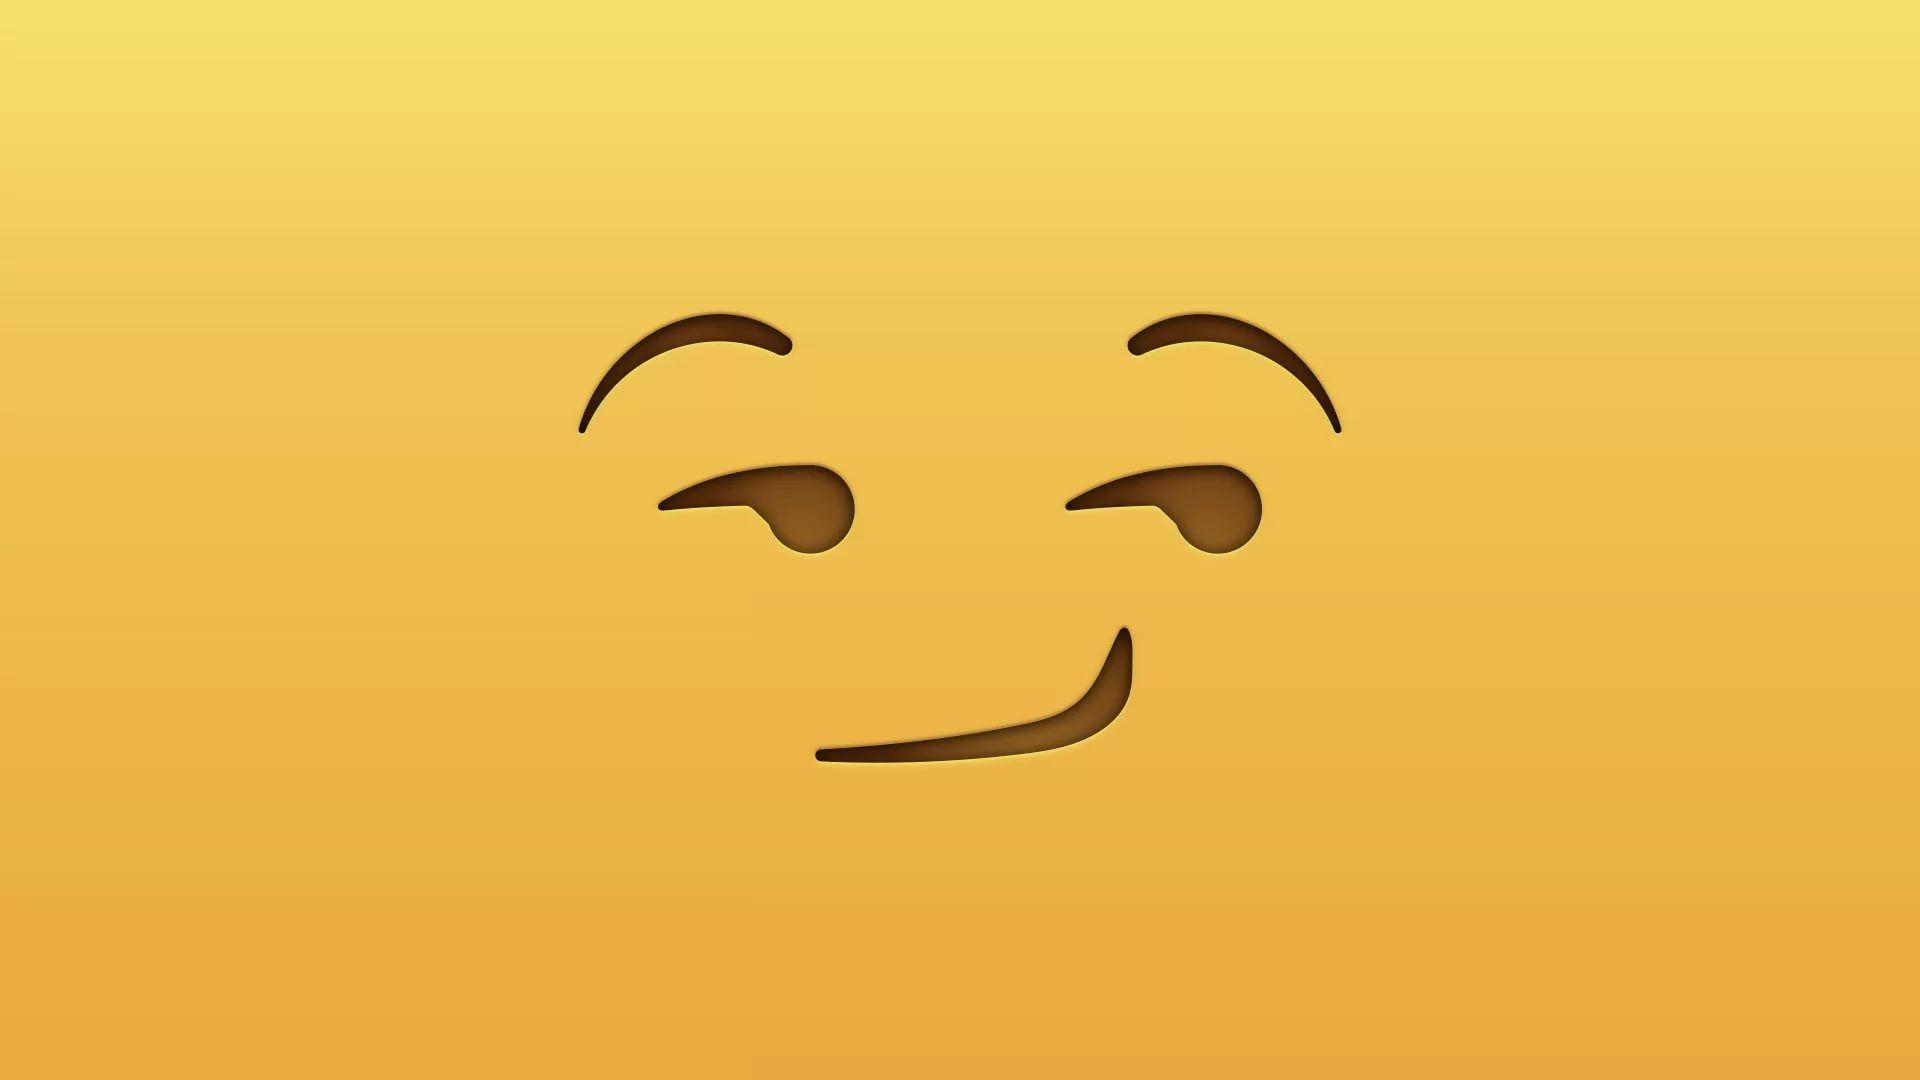 Cute Emoji desktop wallpaper download